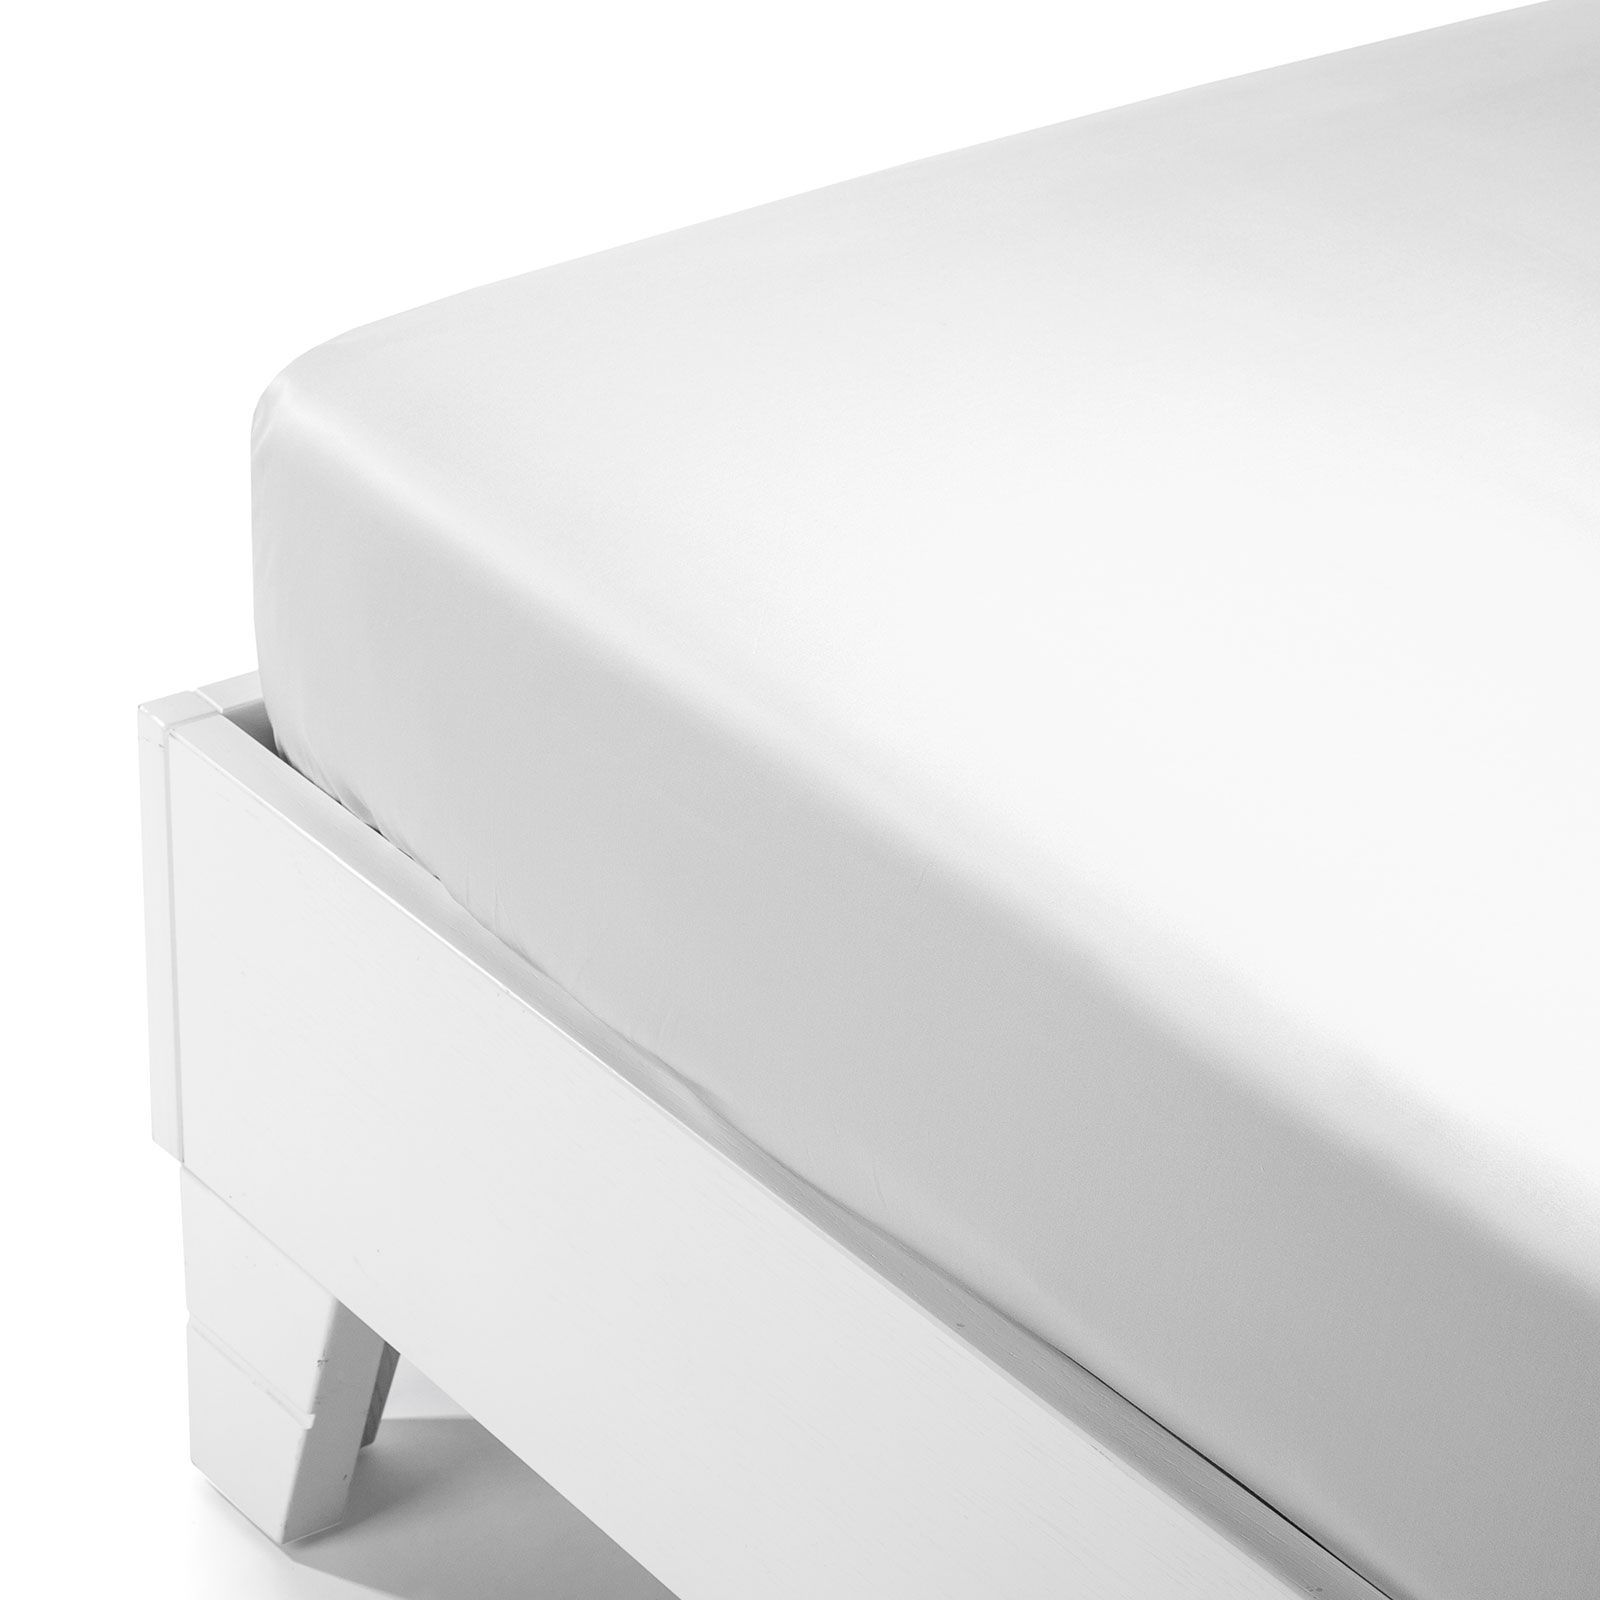 Простыни на резинке Простыня на резинке 160x200 Сaleffi Raso Tinta Unito с бордюром сатин белая prostynya-na-rezinke-90x200-saleffi-raso-tinta-unito-bianco-italiya.jpg